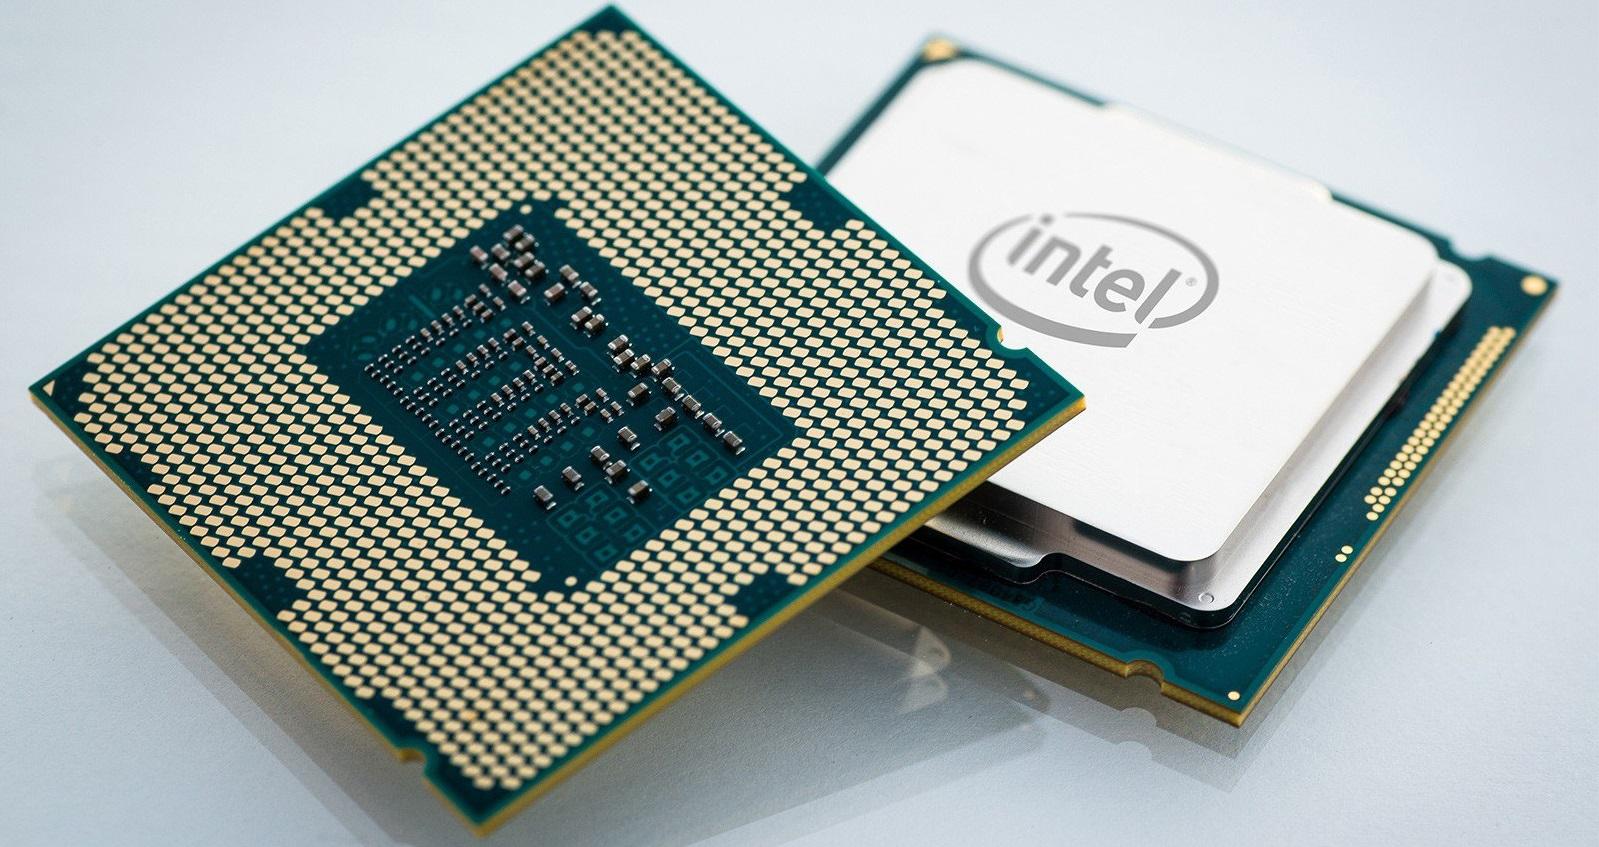 Intel Core i7-7700K tiene mucha potencia oculta